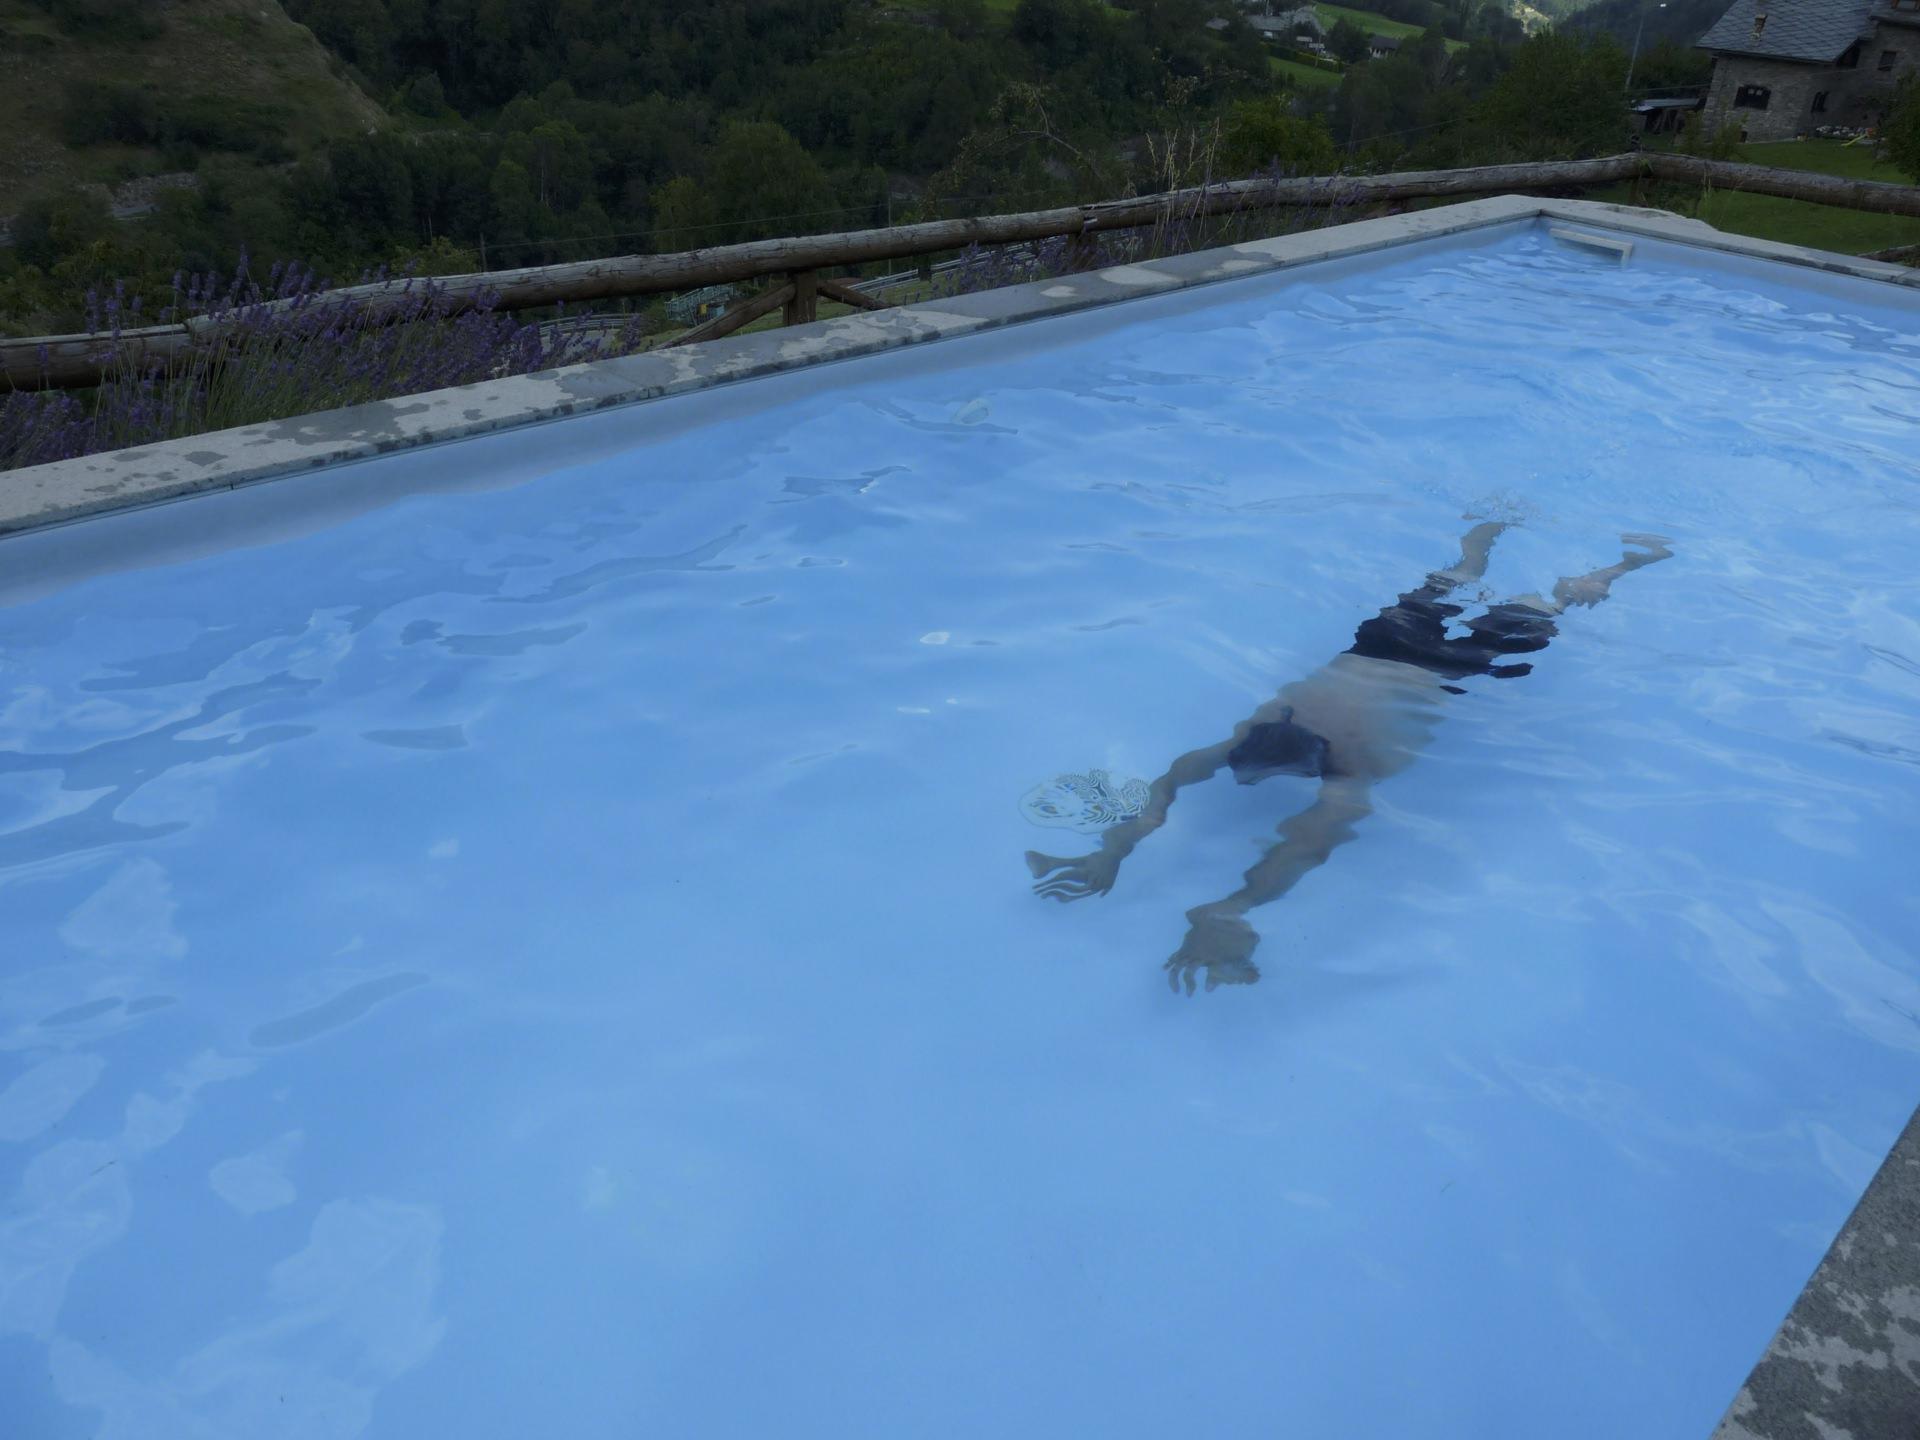 Piscina e area wellness esterna | La Fattoria di Roven